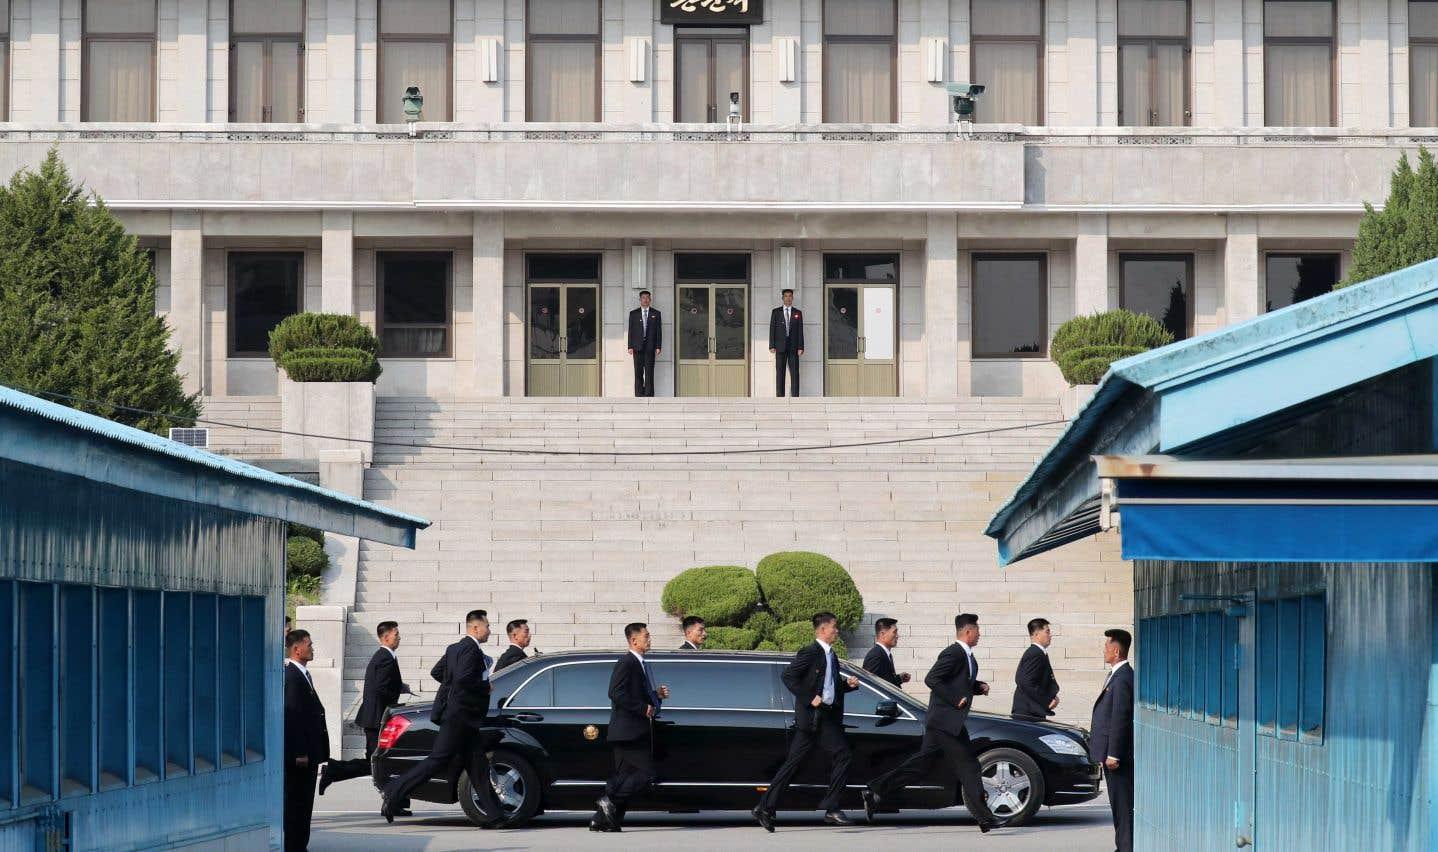 Des gardes du corps surveillent la voiture transportant le leader nord-coréen Kim Jong-un lors du sommet de Panmunjom.